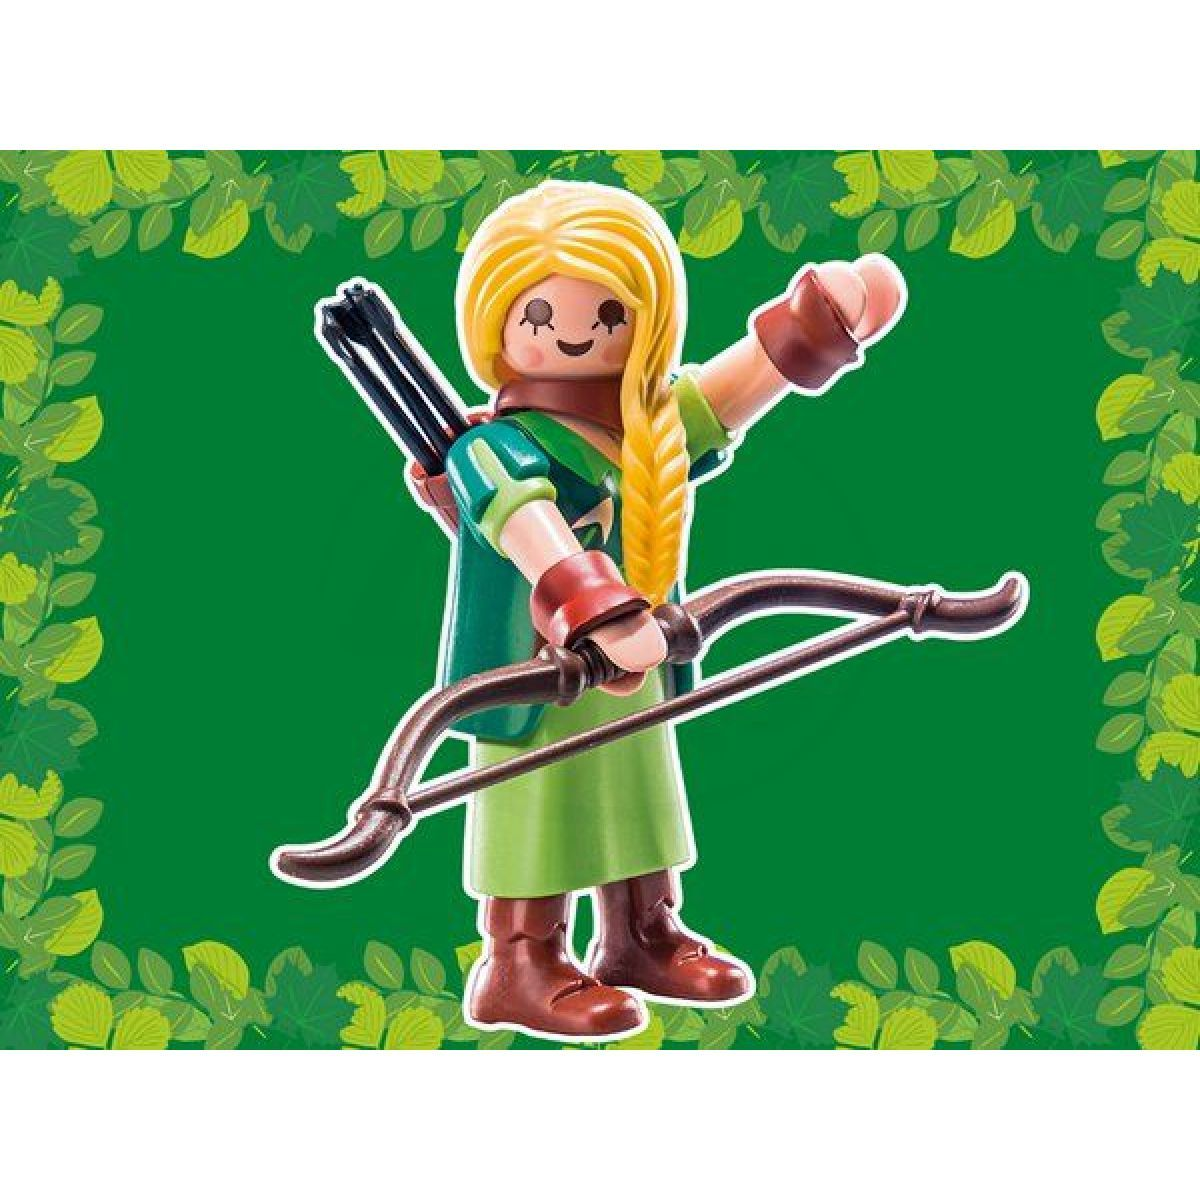 ... 3 Playmobil 9147 Figurky pro dívky série 11 4 ... 1bf31749db